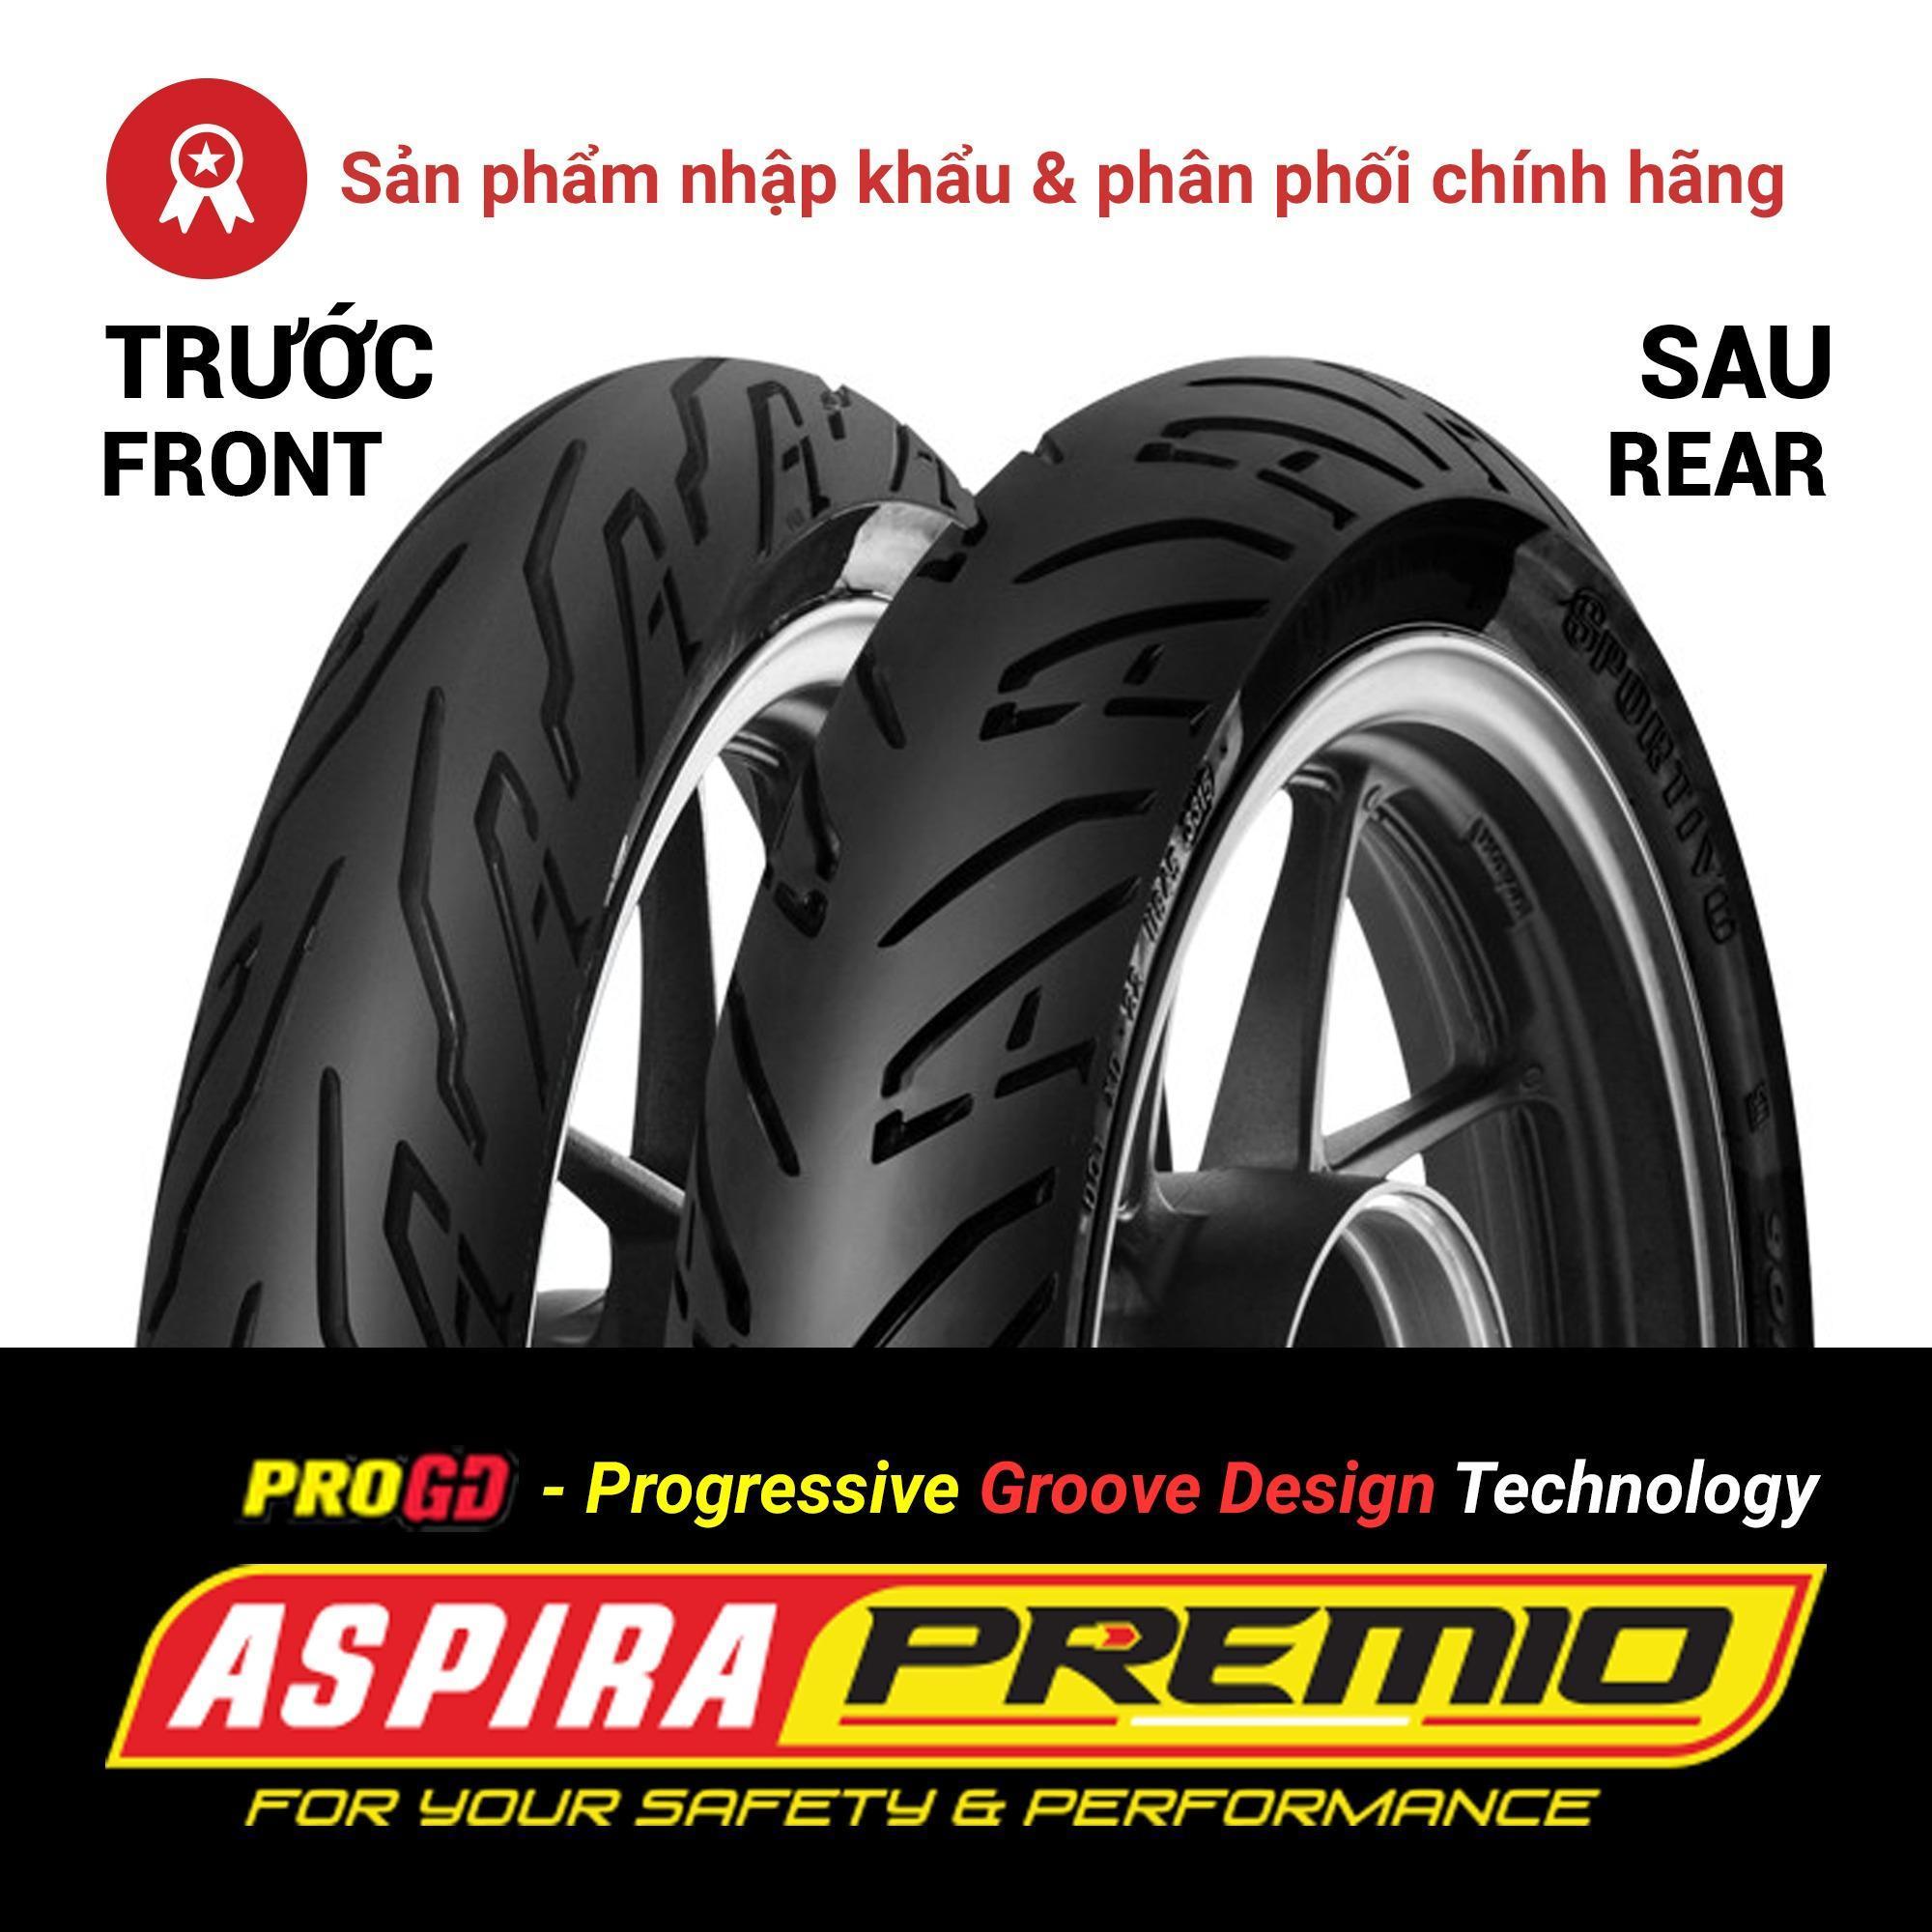 Thay lốp (vỏ) trước 110/80-14 TL Aspira Premio Sportivo cho xe tay ga Yamaha NVX